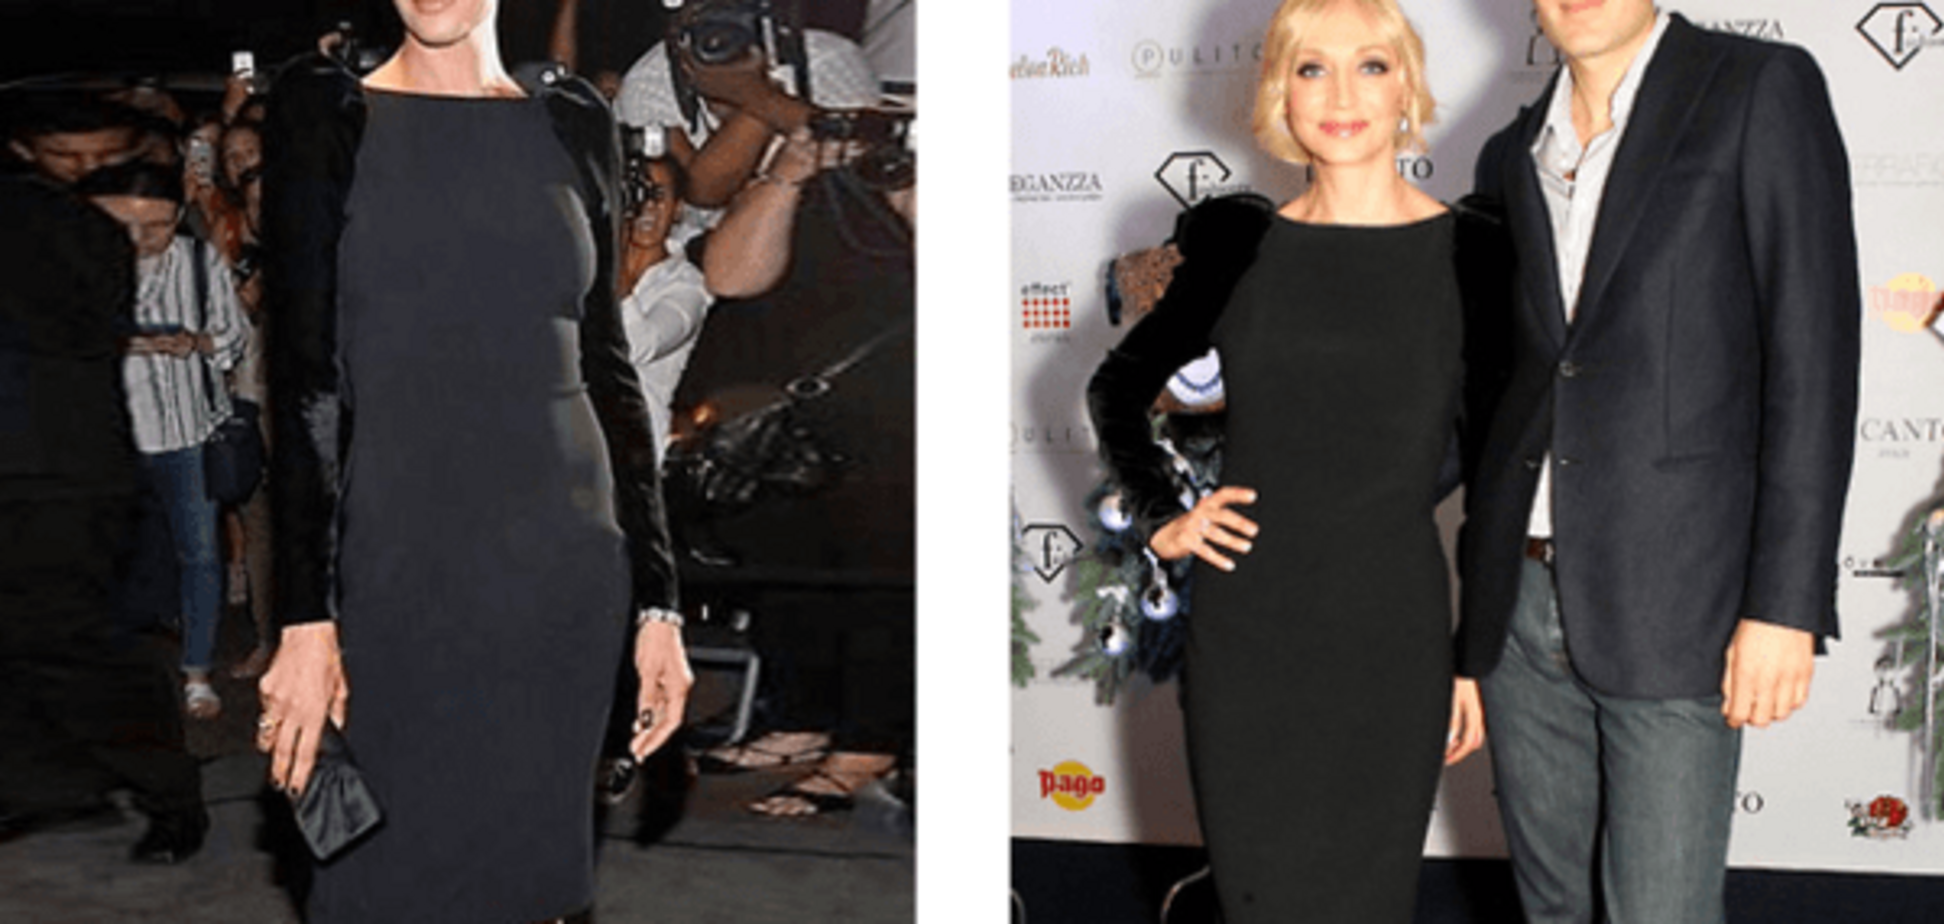 Ума Турман і Христина Орбакайте покрасувалися однаковими сукнями